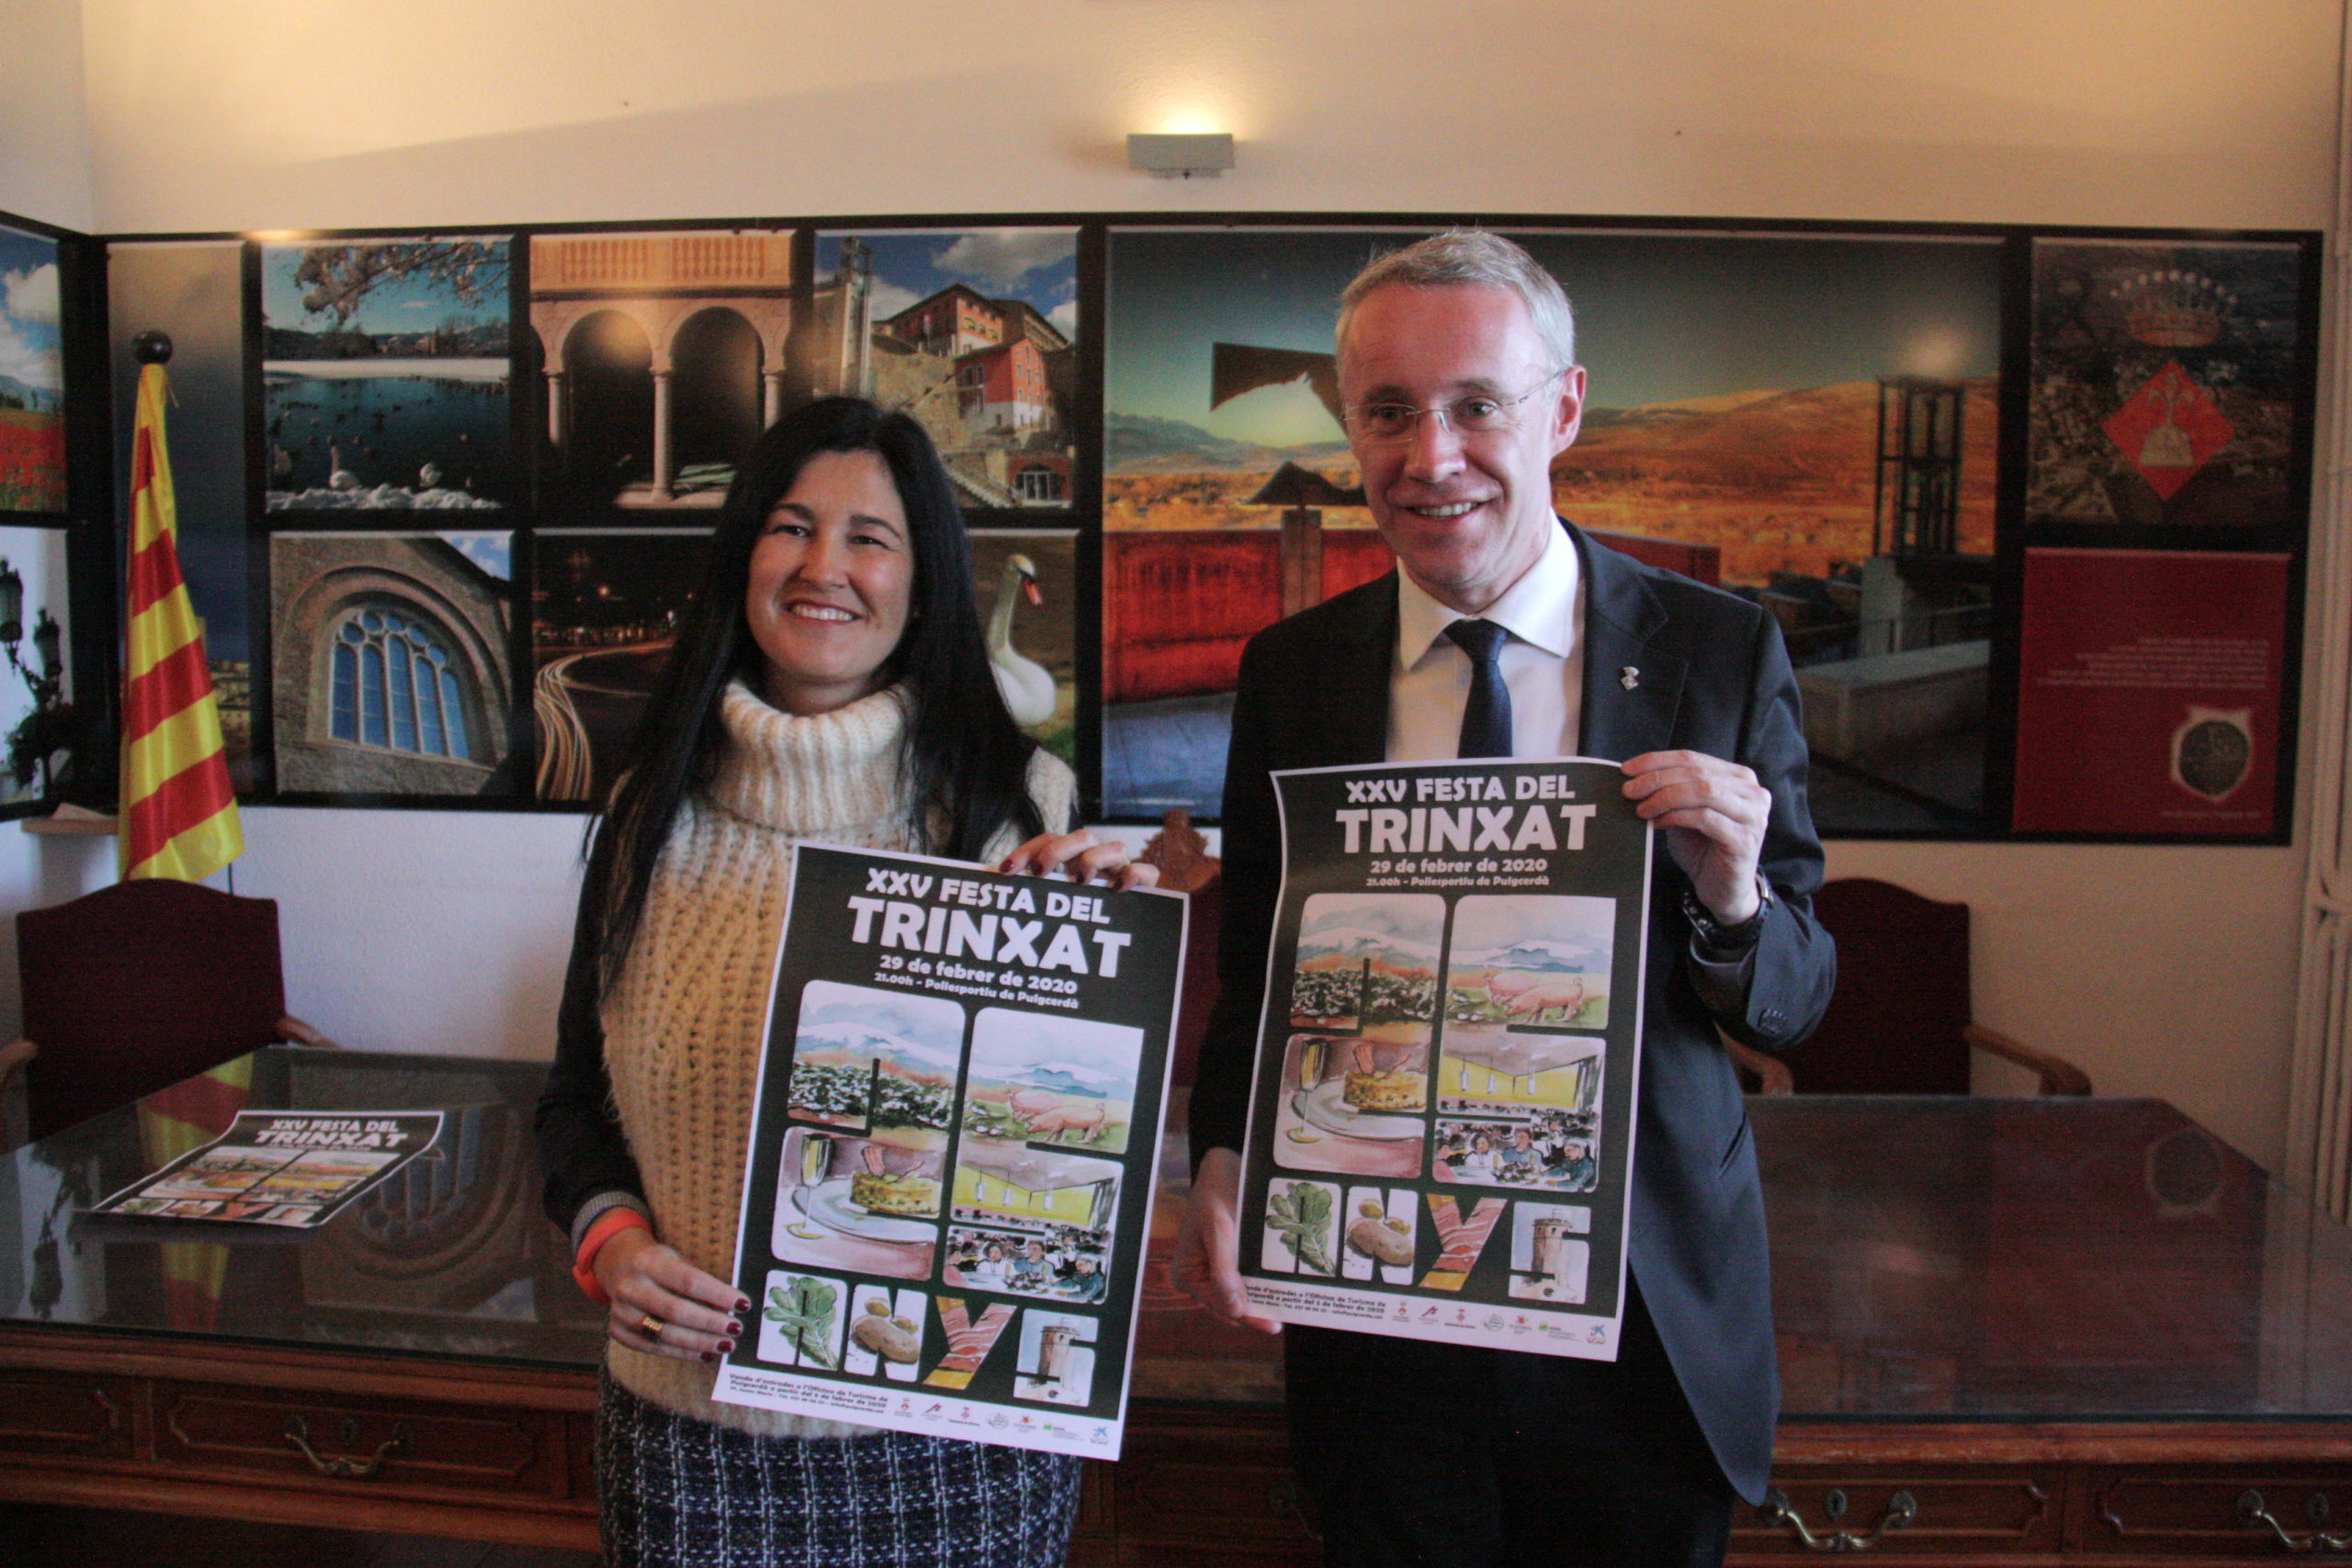 La regidora de turisme de l'Ajuntament de Puigcerdà, Carme Mas, i l'alcalde de Puigcerdà, Albert Piñeira, mostrant el cartell de la 25a festa del trinxat | ACN